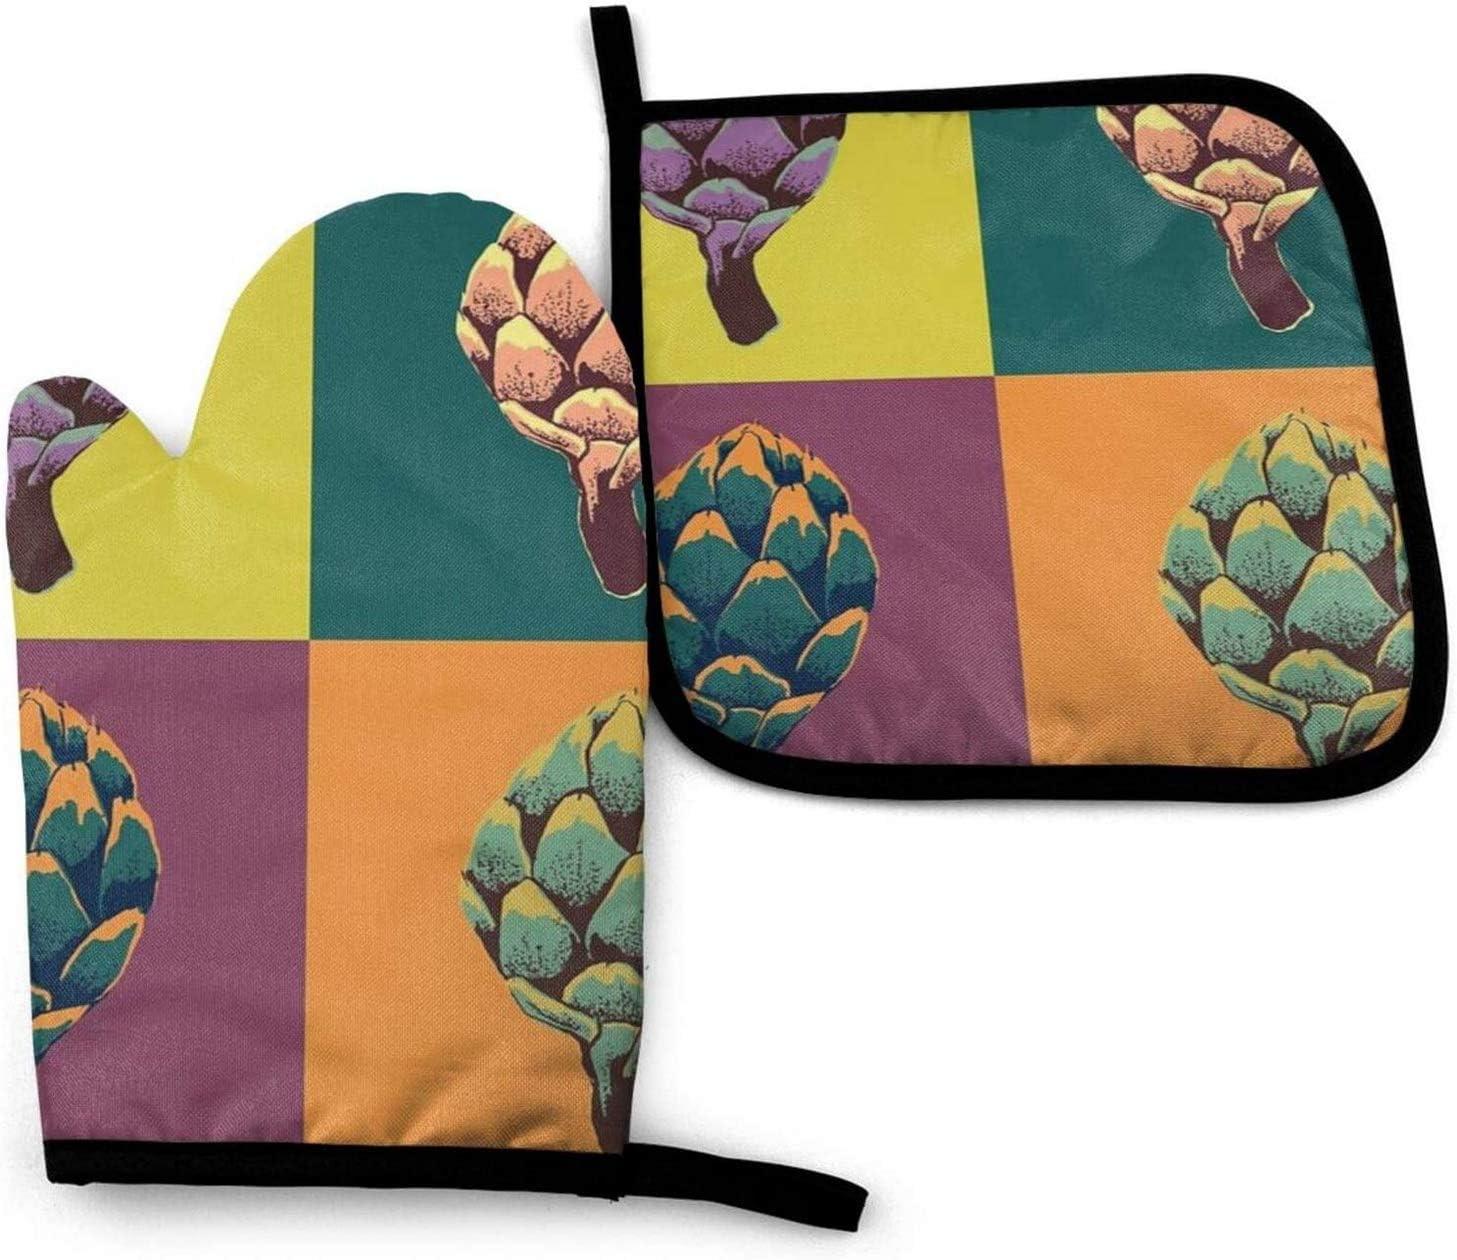 Alcachofa Alcachofa Alcachofa Alcachofa Cocina Horno Manopla y agarraderas Juego de Cocina Guante de Horno Antideslizante Resistente al Calor para cocinar Hornear Parrilla y Barbacoa